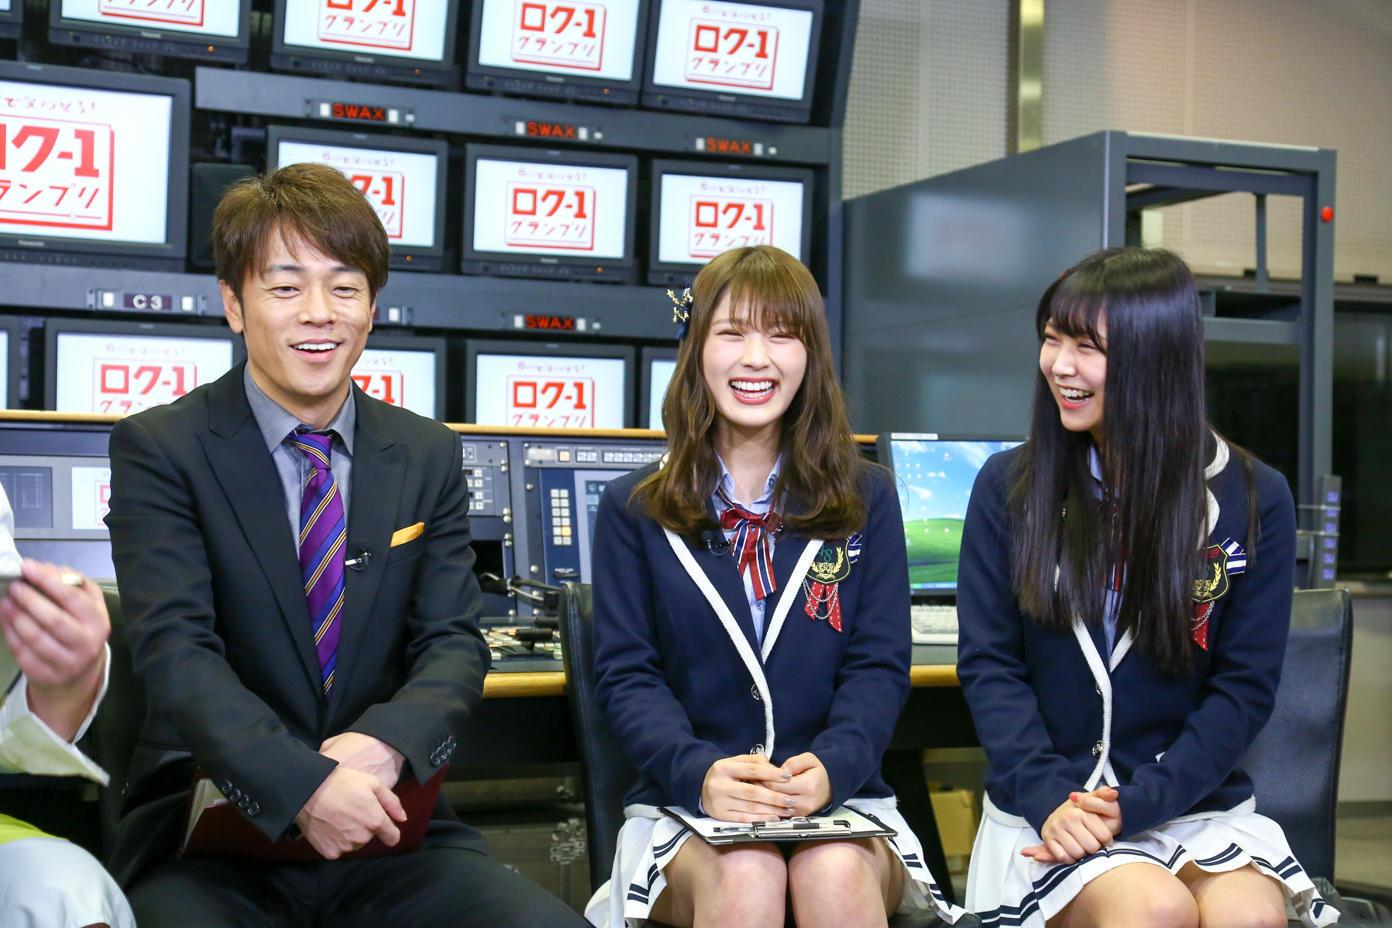 http://news.yoshimoto.co.jp/20171029200804-43dba713f1dae9dda1759eb3bf9cf7ae7dcbb077.jpg